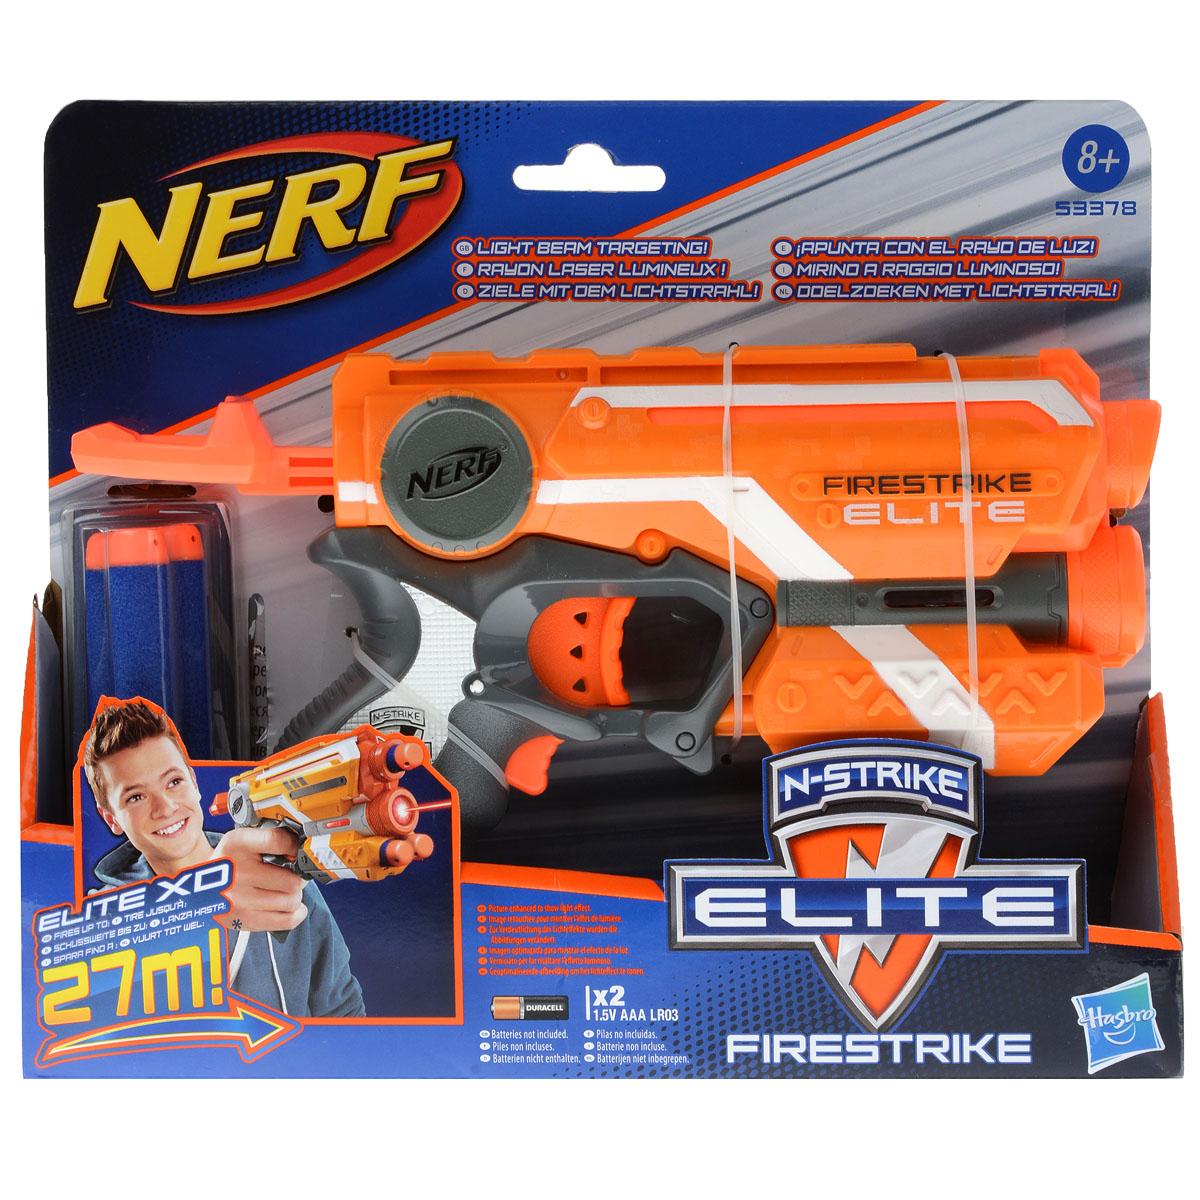 Бластер Nerf Firestrike, с патронами, цвет: оранжевый, серый53378E35_оранжБластер Nerf Firestrike позволит вашему ребенку почувствовать себя во всеоружии! Бластер выполнен из яркого безопасного пластика оранжевого и серого цветов и снабжен световым прицелом для точного попадания в цель даже в темноте. Комплект включает в себя три патрона, выполненных из гибкого вспененного полимера. Бластер стреляет на расстояние до 27 метров. Игра с таким бластером поможет ребенку в развитии меткости, ловкости, координации движений и сноровки. Необходимо докупить 2 батарейки напряжением 1,5V типа ААА (не входят в комплект).